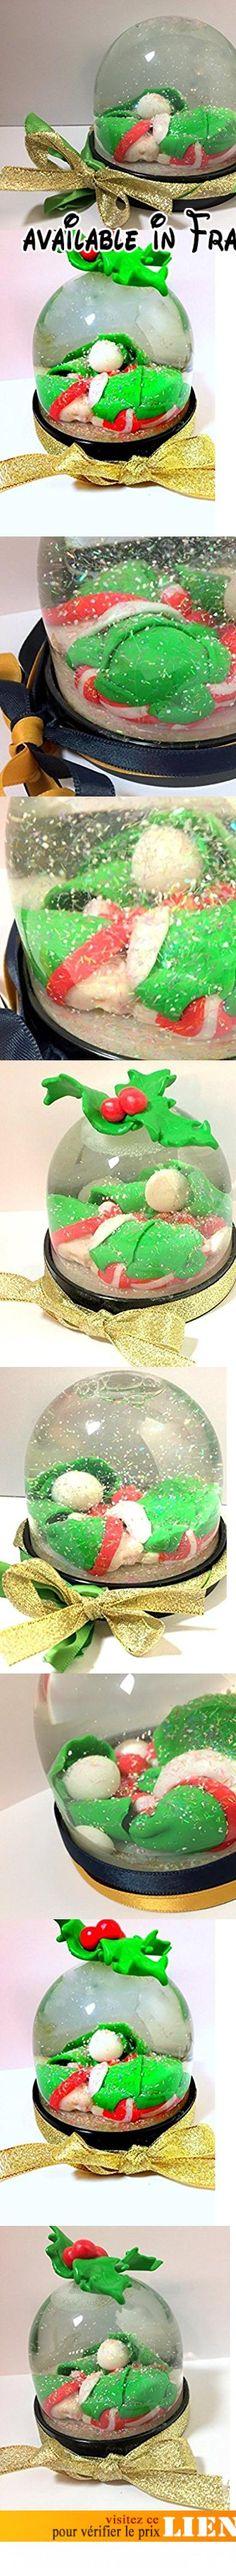 Boule à neige/Miniature/figurine/bébé/garçon/fimo/noël/vert/rouge/blanc/décoration de table/papa Noel/ idée cadeau/boule de noel/handmade/neige/paillettes/boule de neige/houx/personnalisable.  #Guild Product #GUILD_BABY